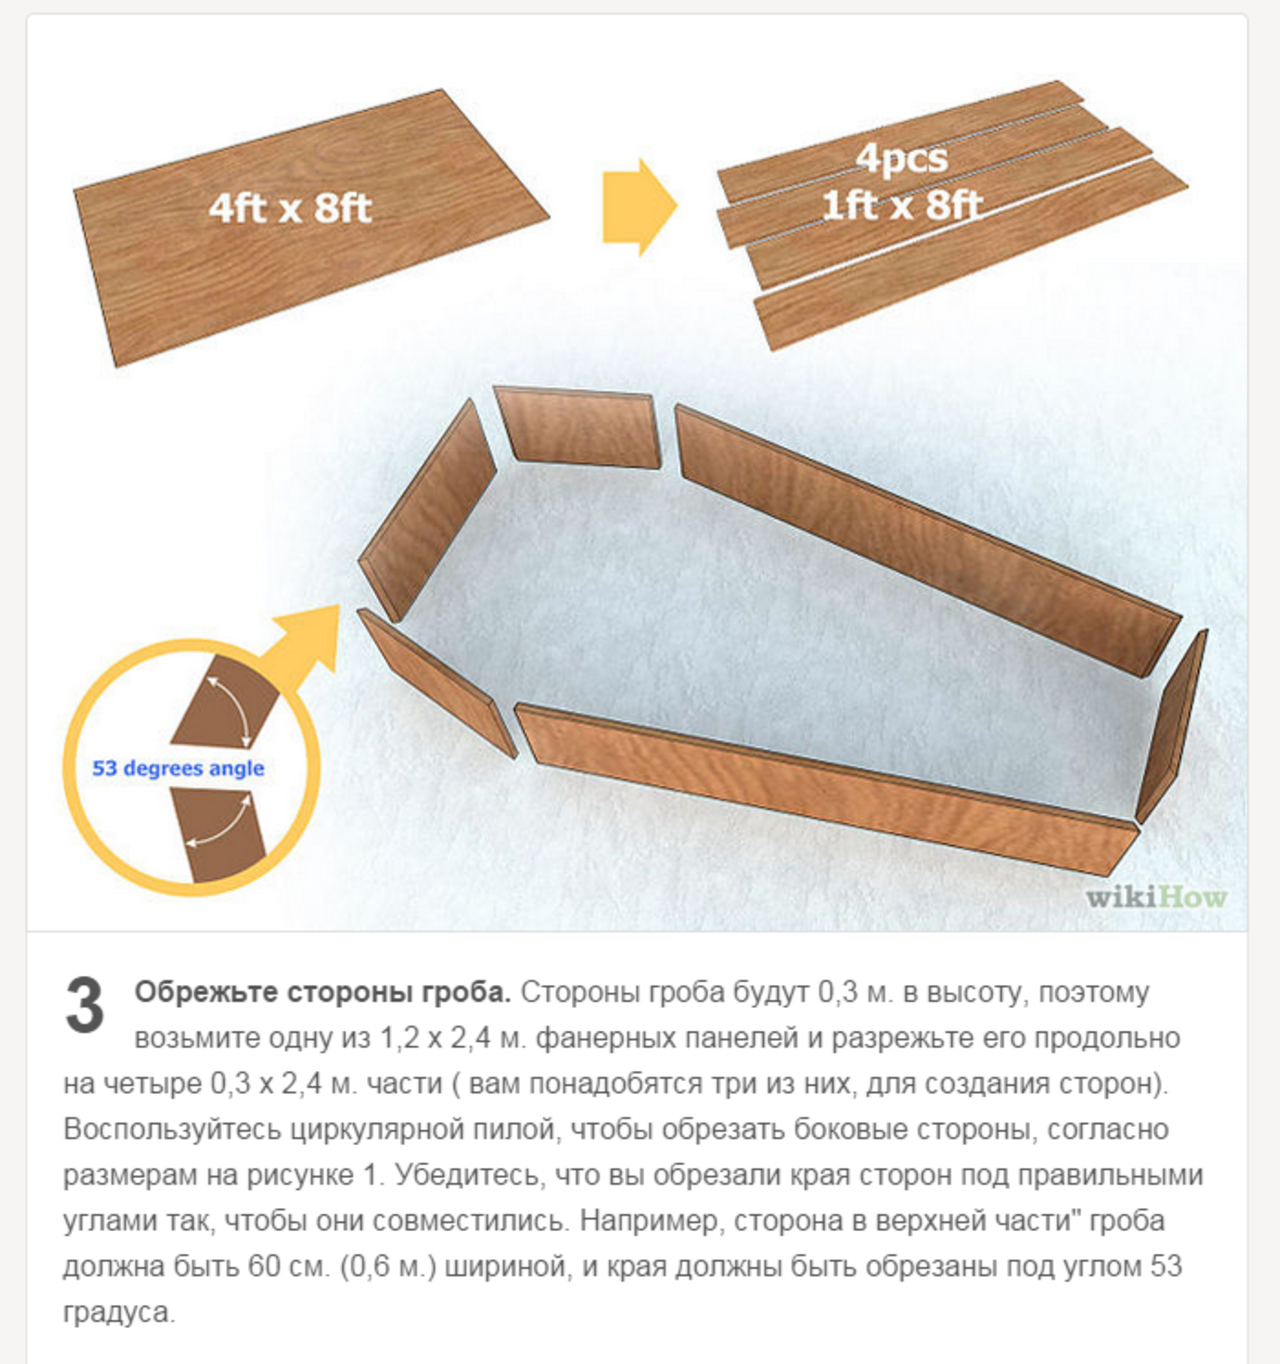 Как сделать саркофаг своими руками